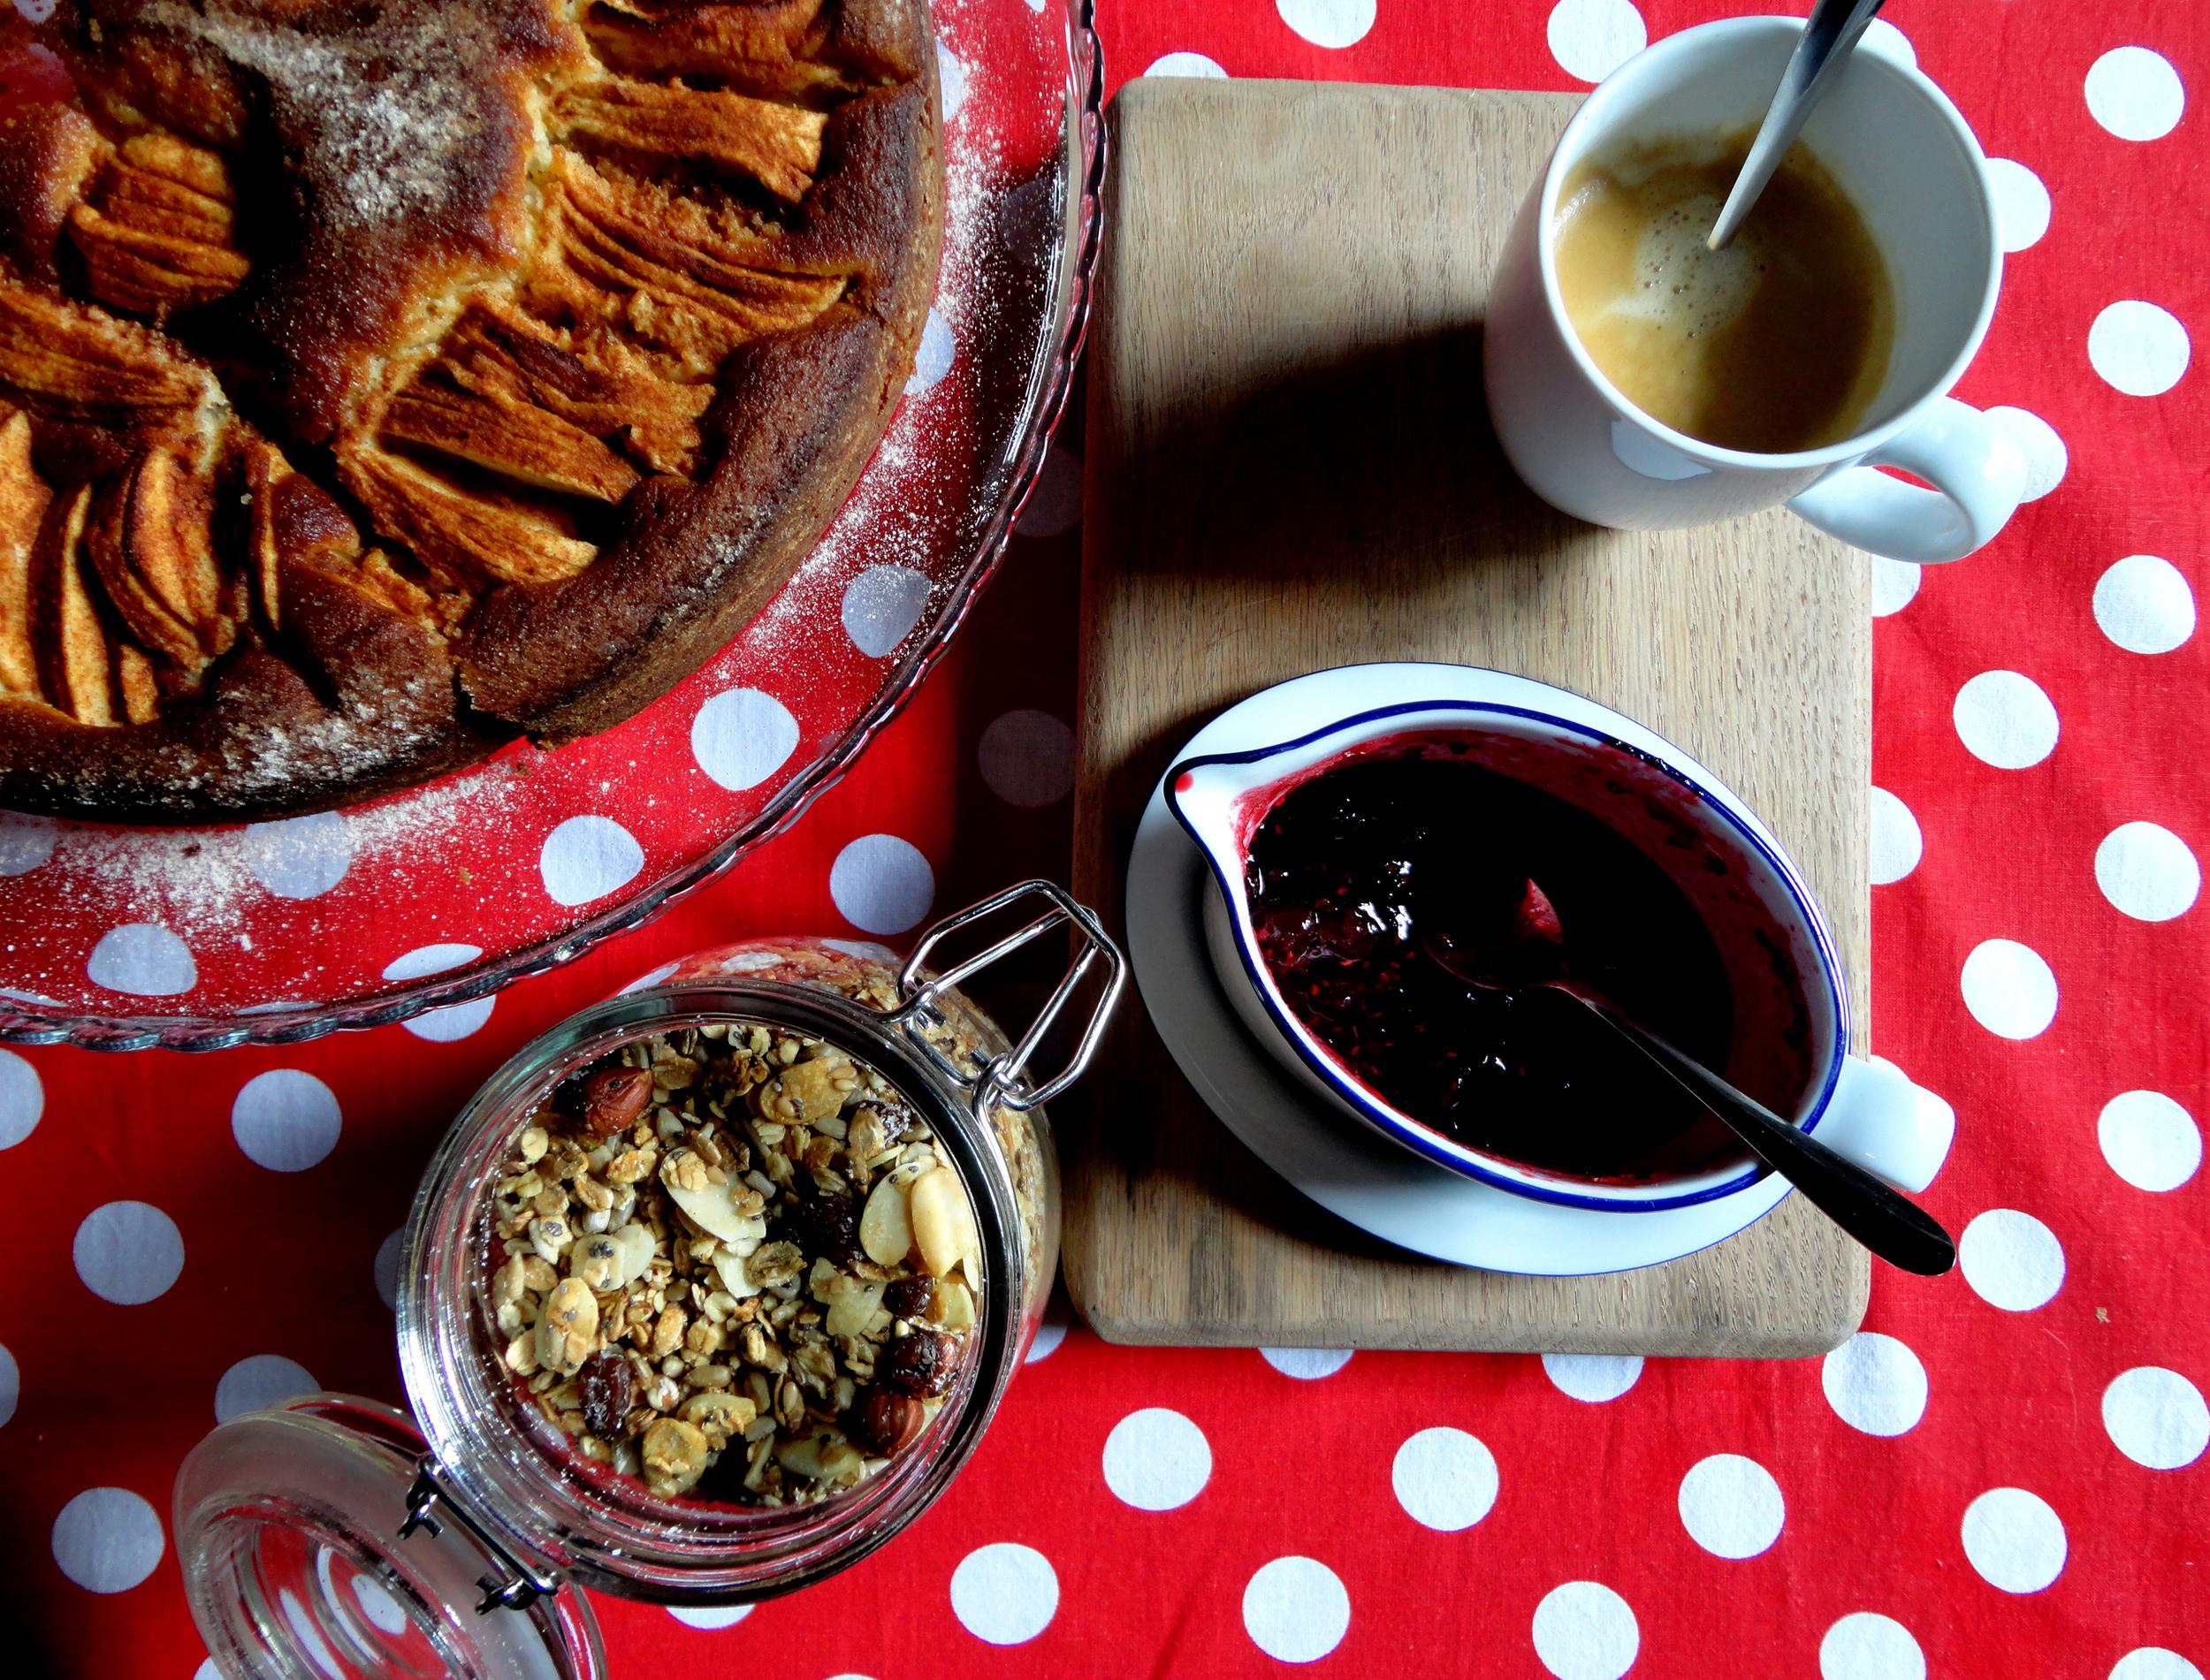 tarte de maçã, frutos vermelhos, cereais caseiros e café as delicias da rita (e minhas).